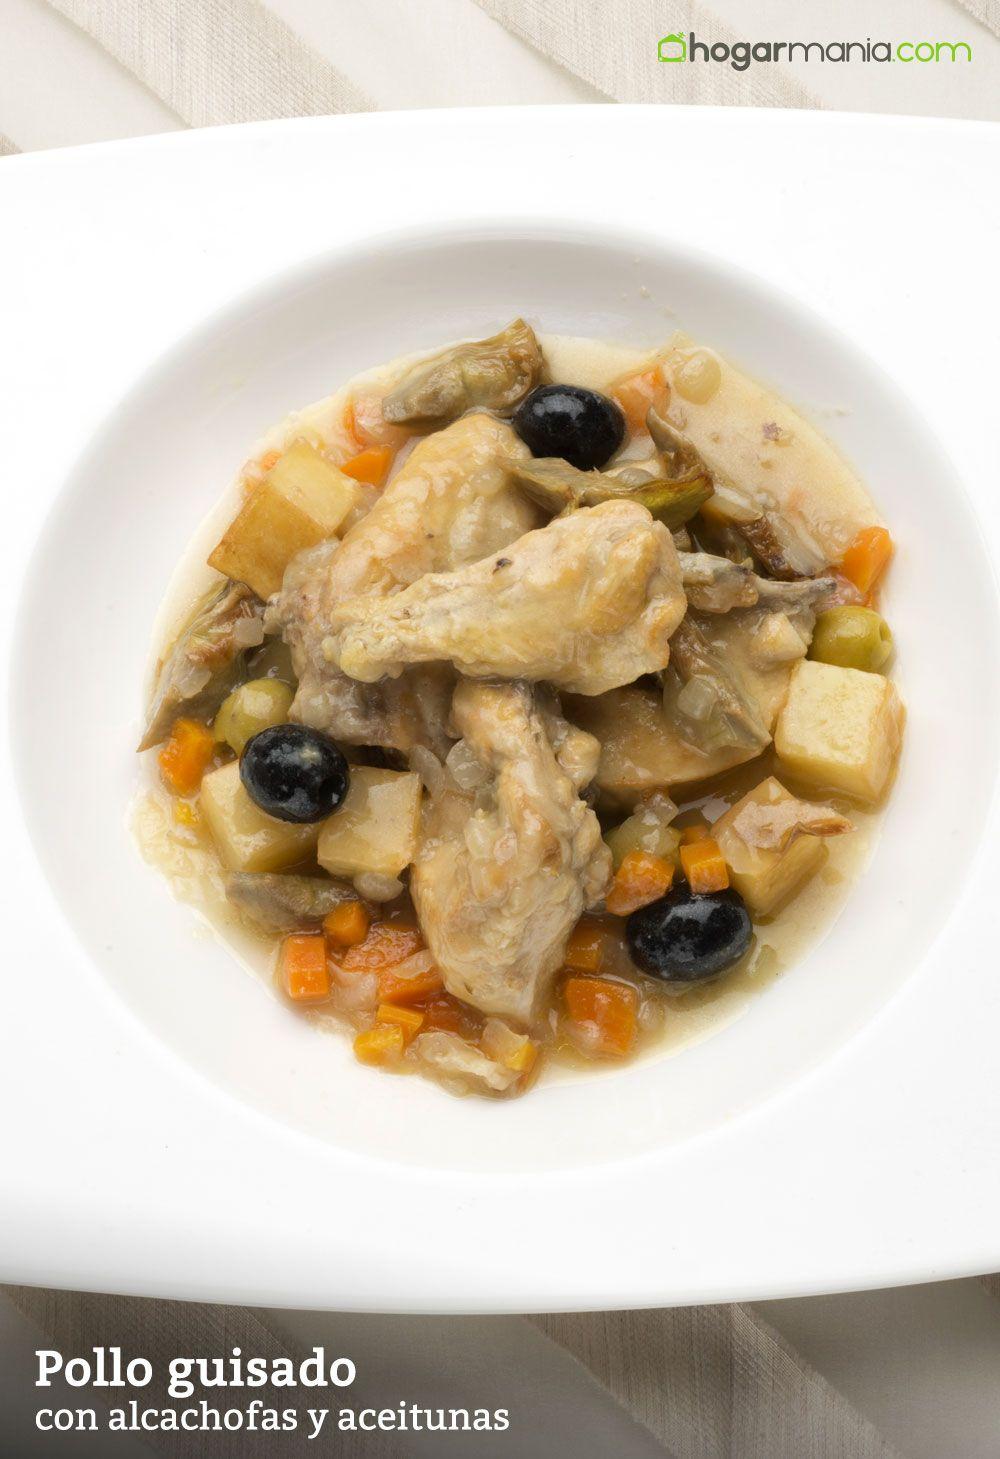 Pollo guisado con aceitunas y alcachofas